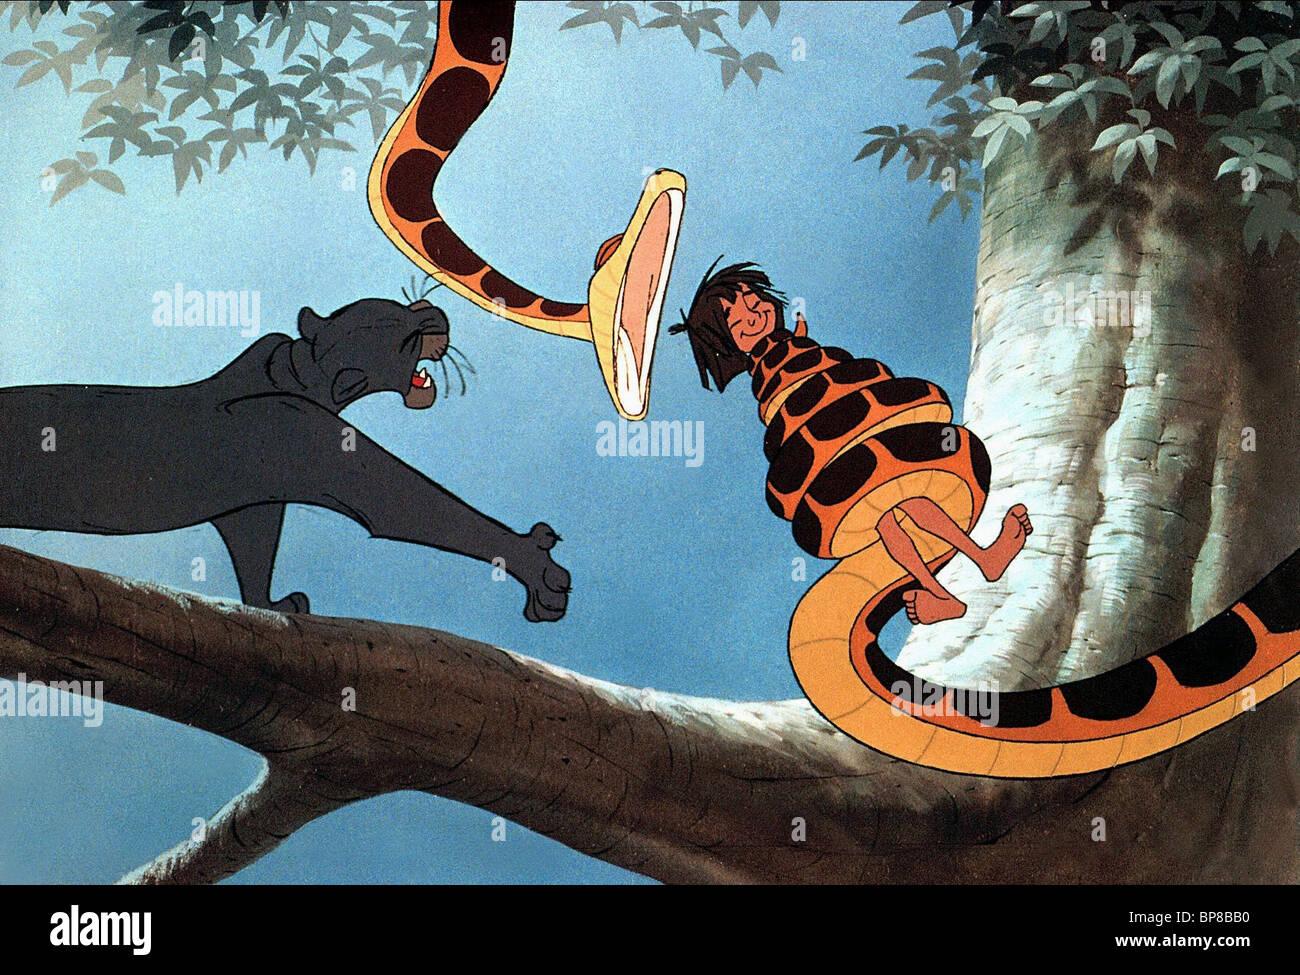 Bagheera Kaa Mowgli The Jungle Book 1967 Stock Photo